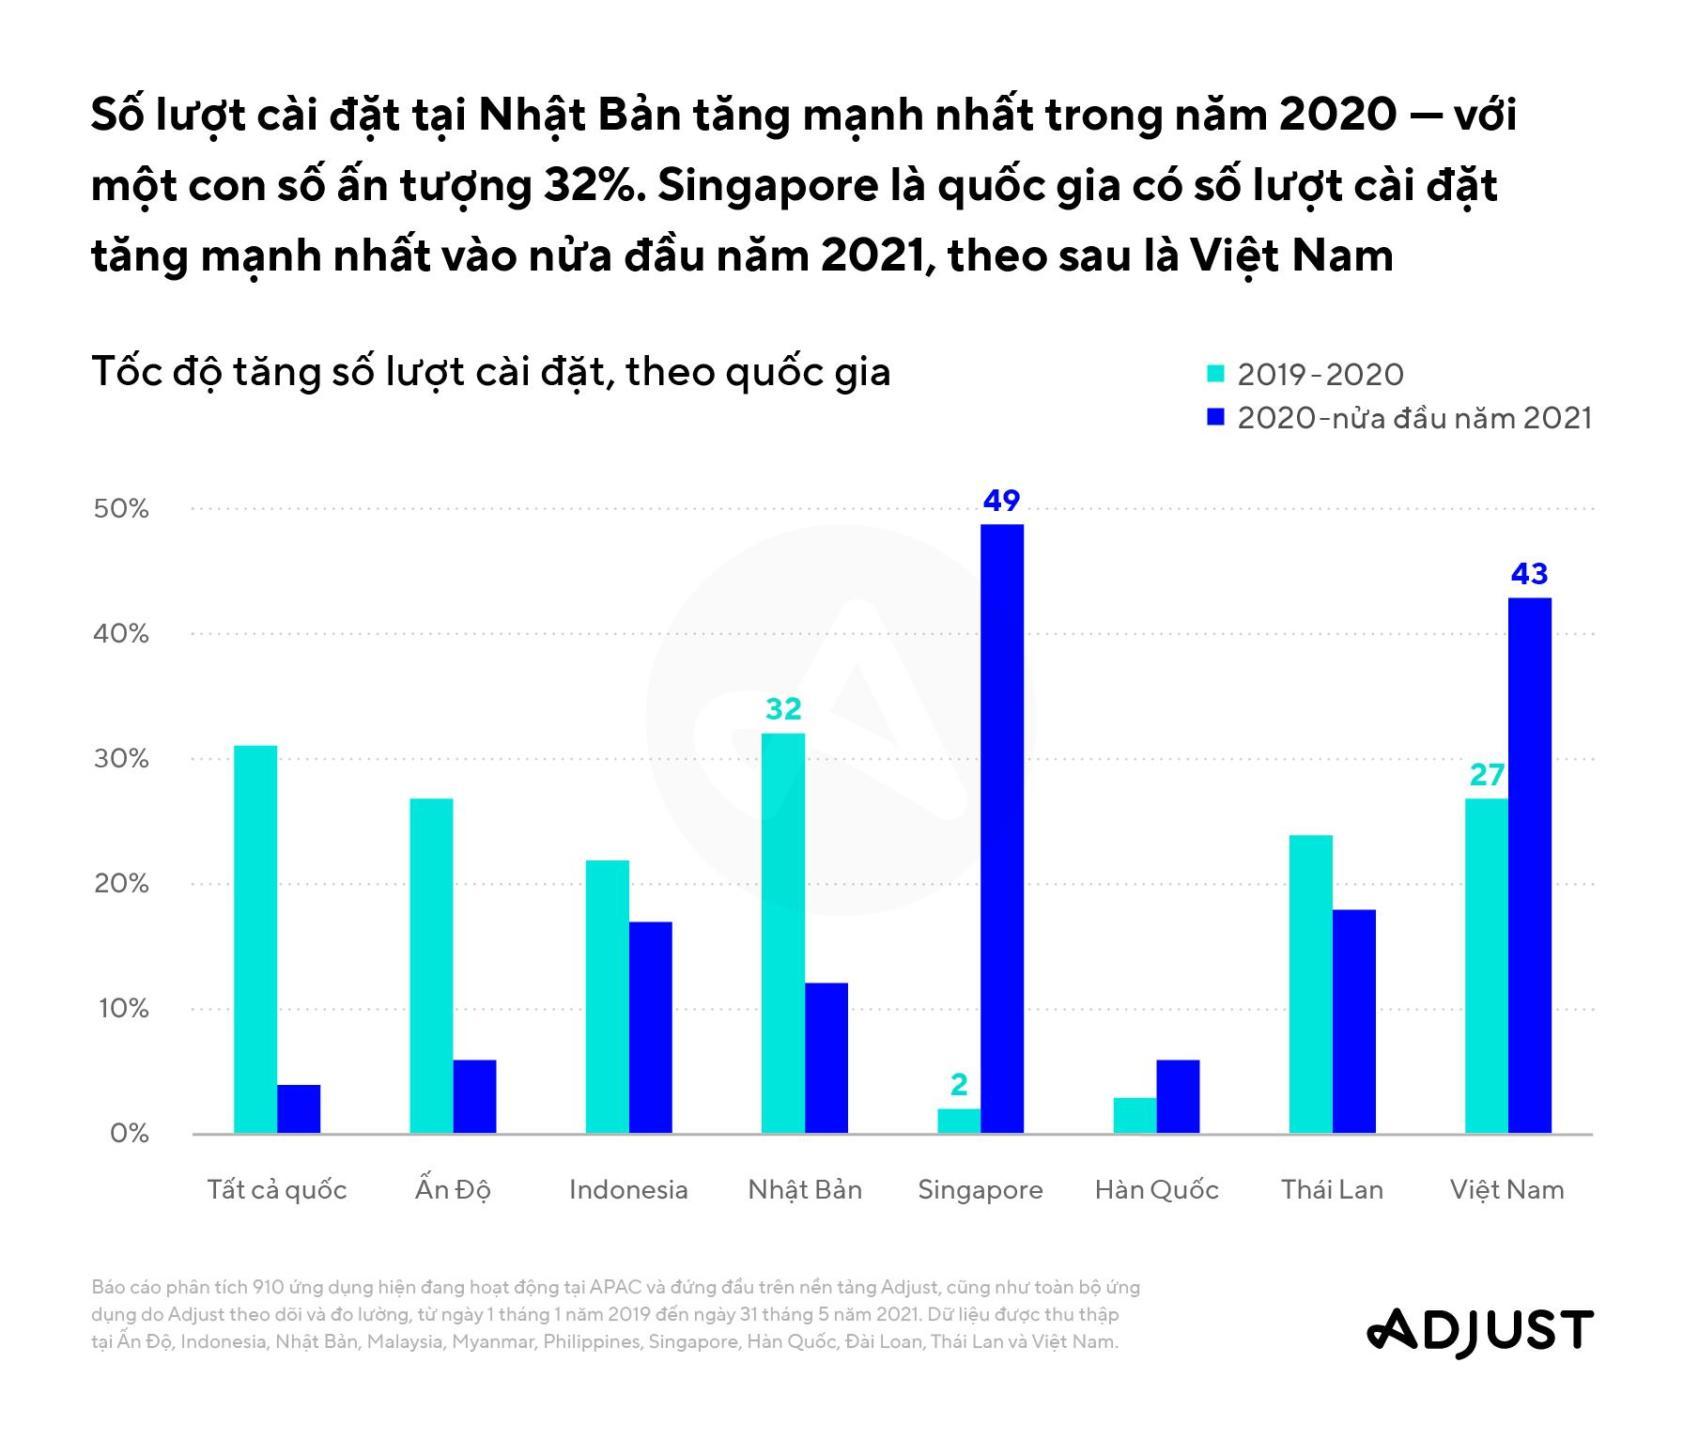 Việt Nam xếp thứ 2 khu vực về số lượt cài đặt ứng dụng fintech